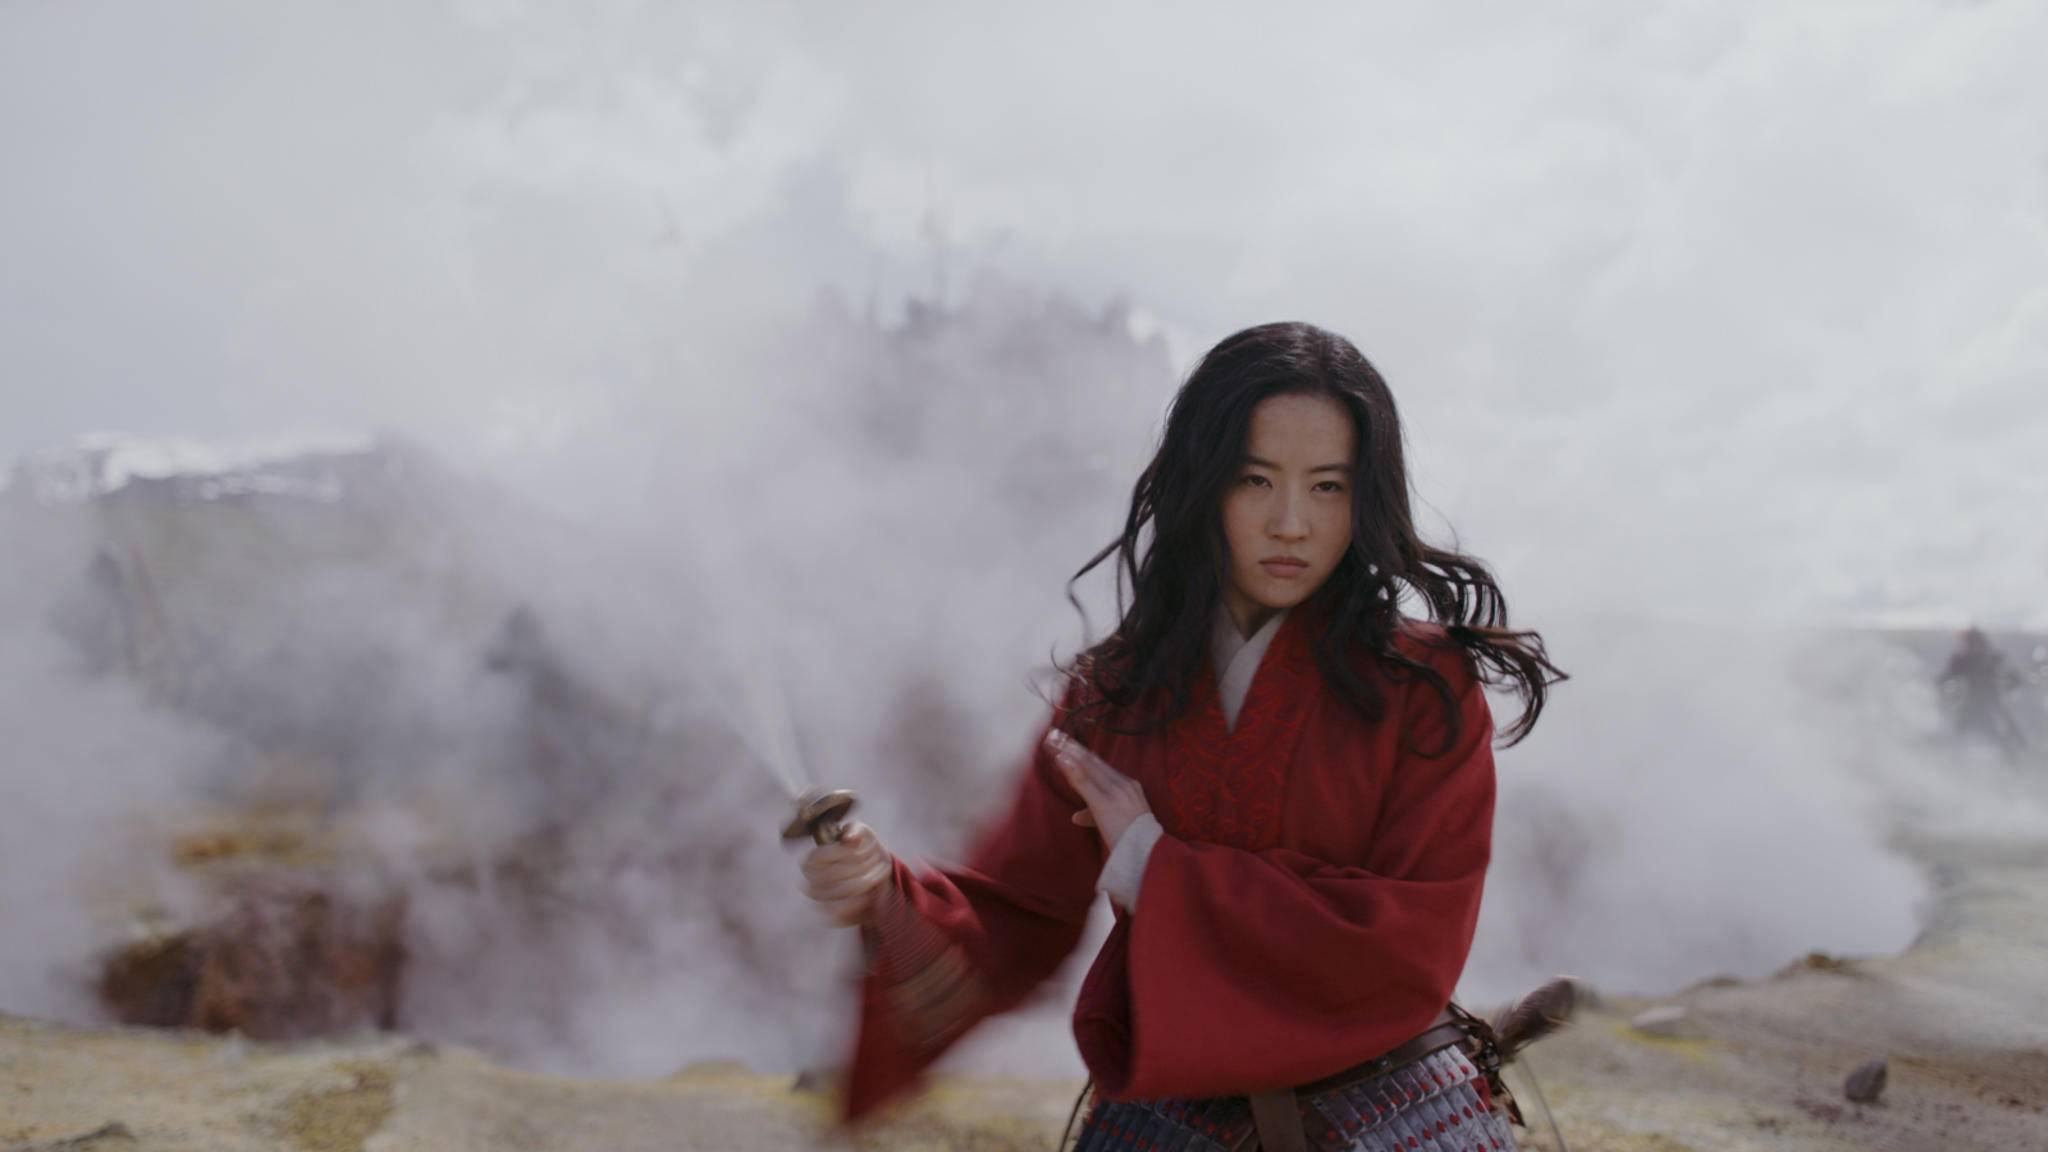 Mulan bricht aus: Die Heldin landet bald auf anderen Streamingplattformen.